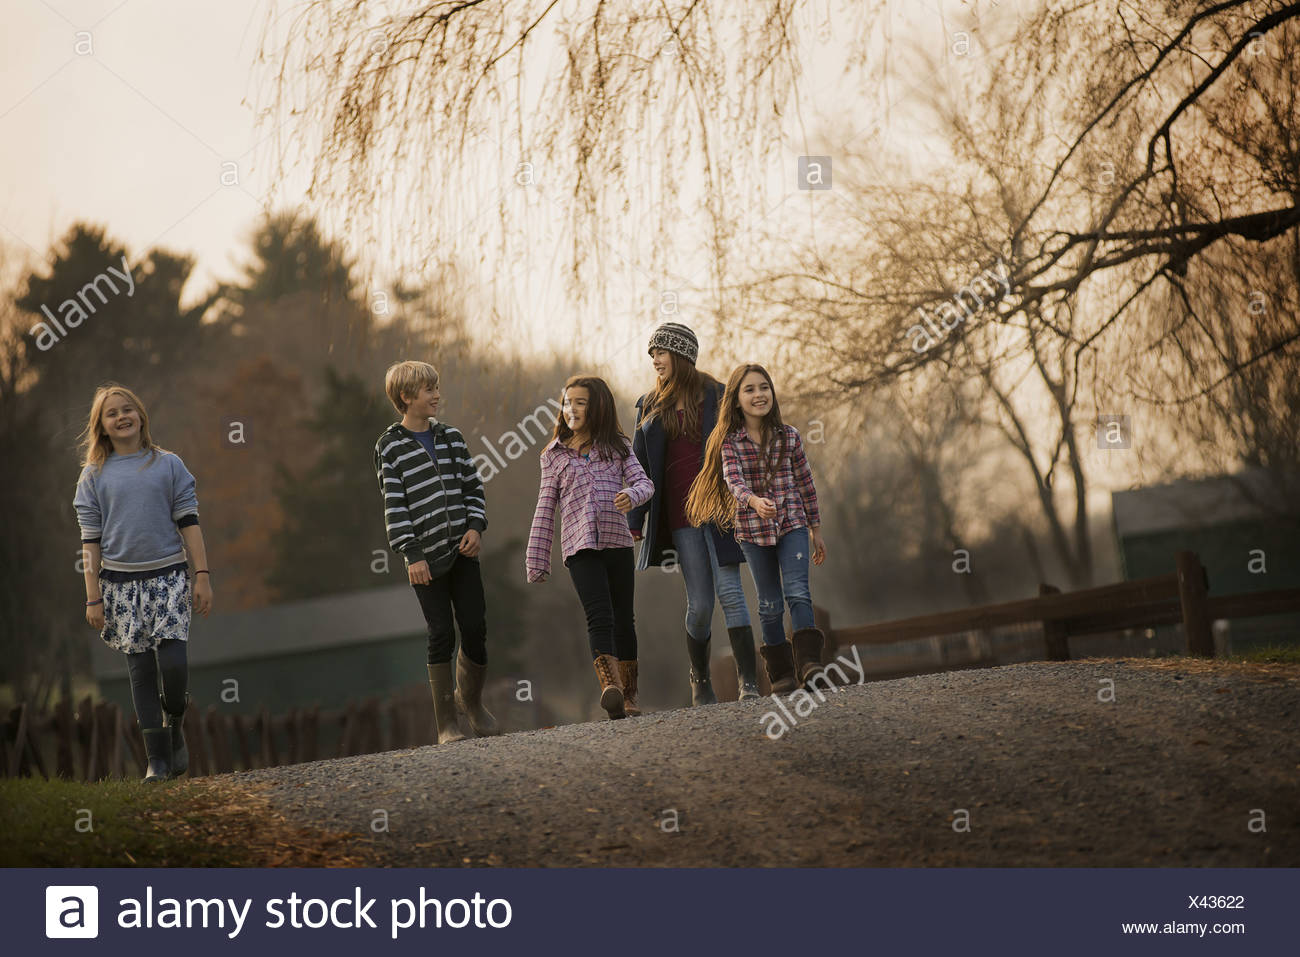 Un groupe d'enfants un garçon et quatre filles marcher le long d'un chemin, un jour d'hiver une ferme biologique Photo Stock